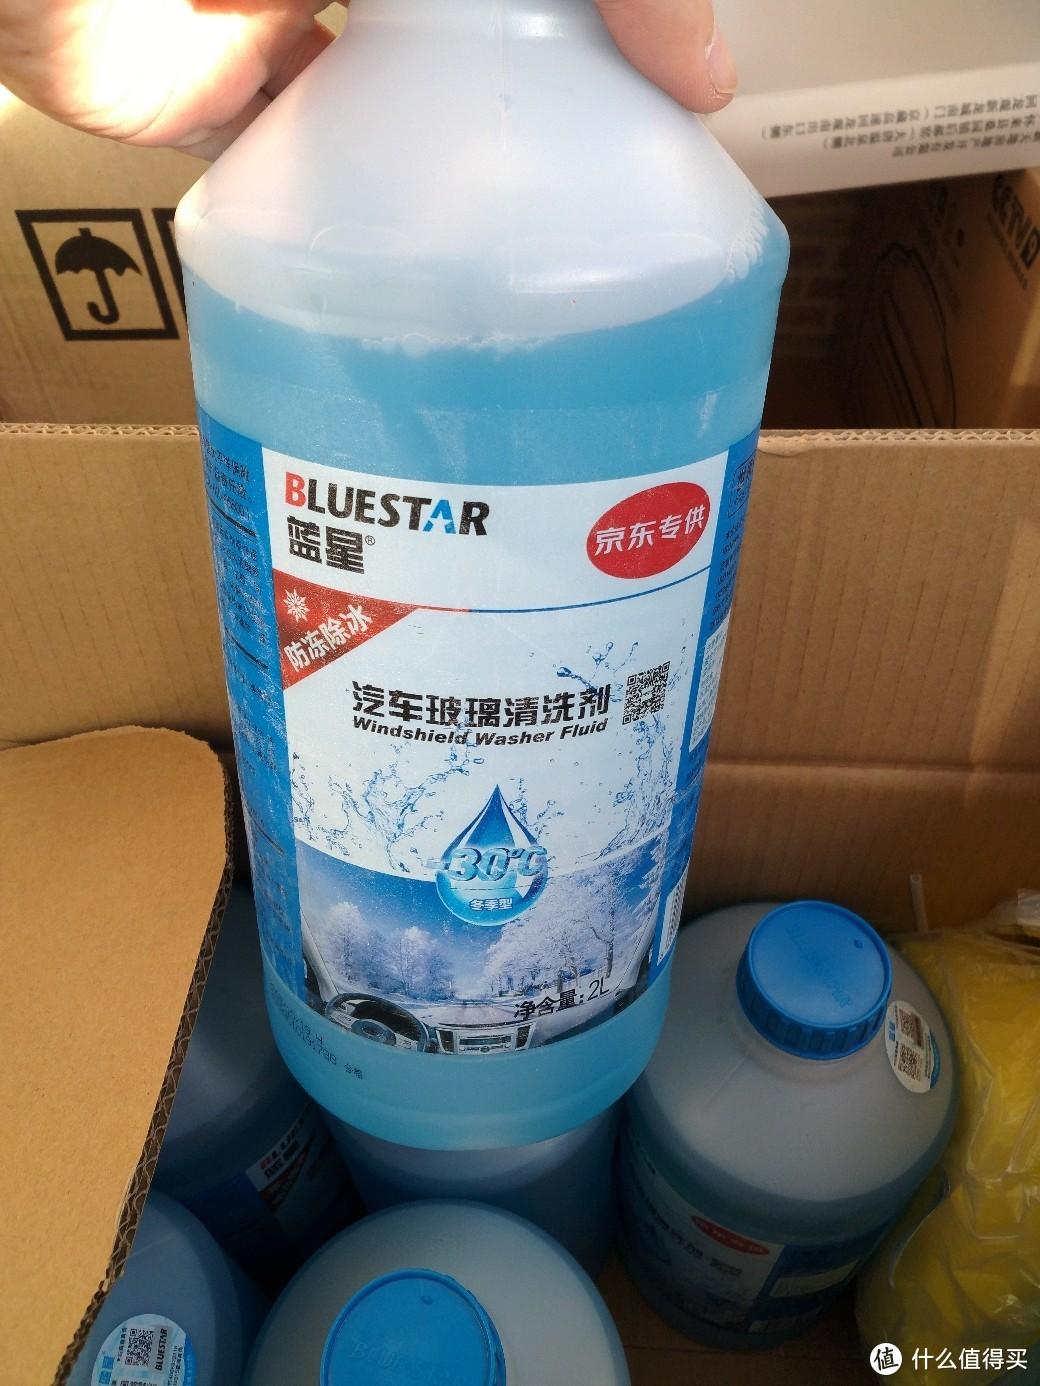 据说玻璃干净能省油 推荐一款四季通用玻璃水,京东专供-30°蓝星玻璃水